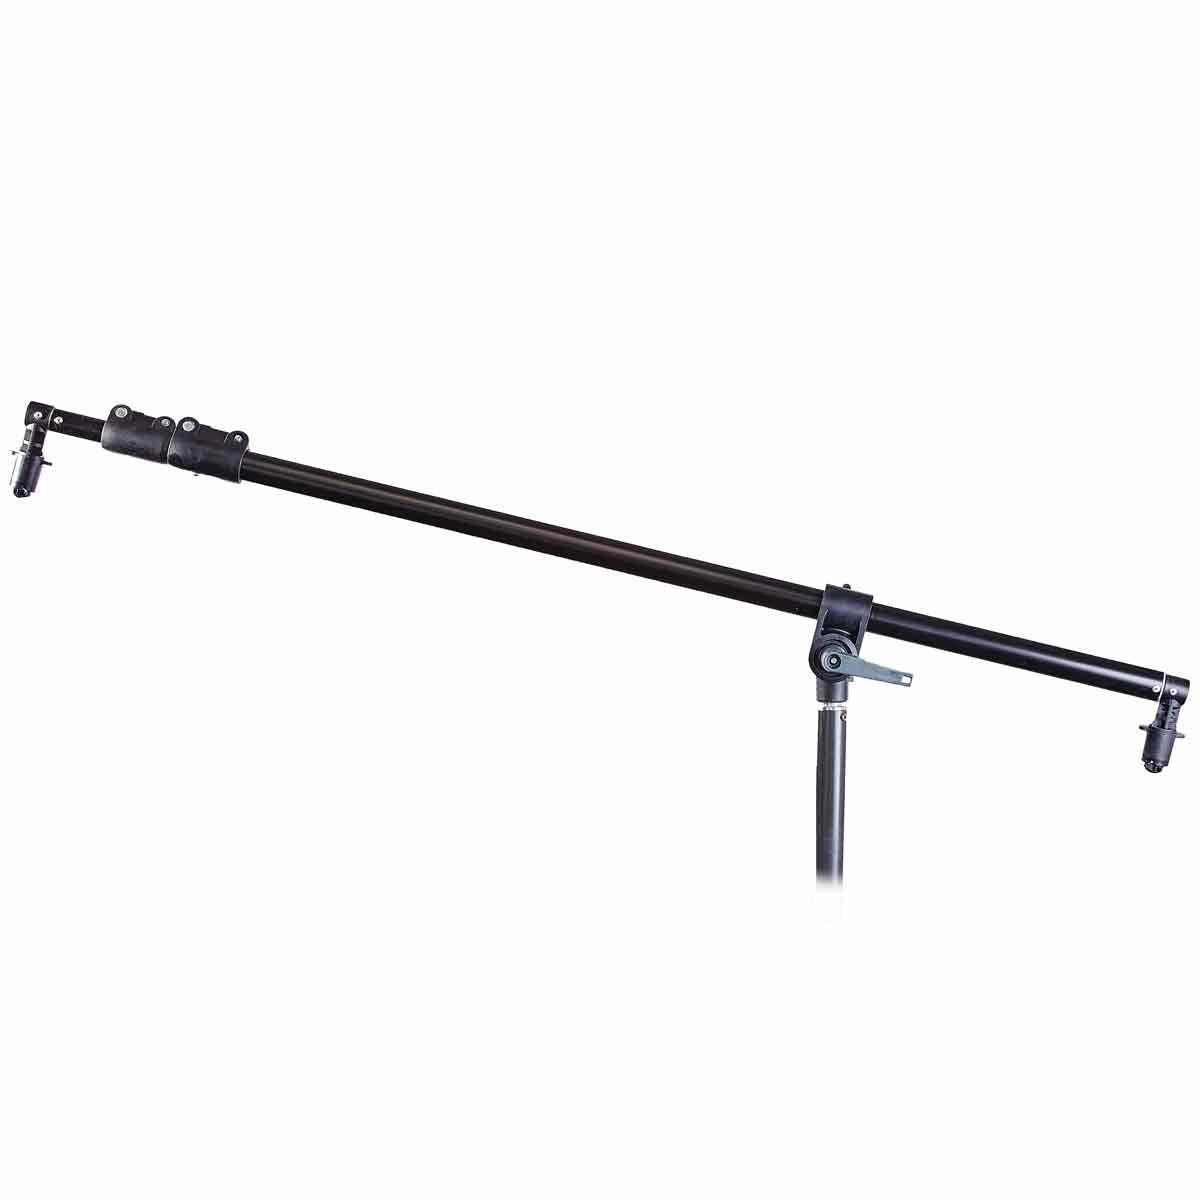 Тримач для відбивачів 65.5 до 170 см Prolighting (PLS509)